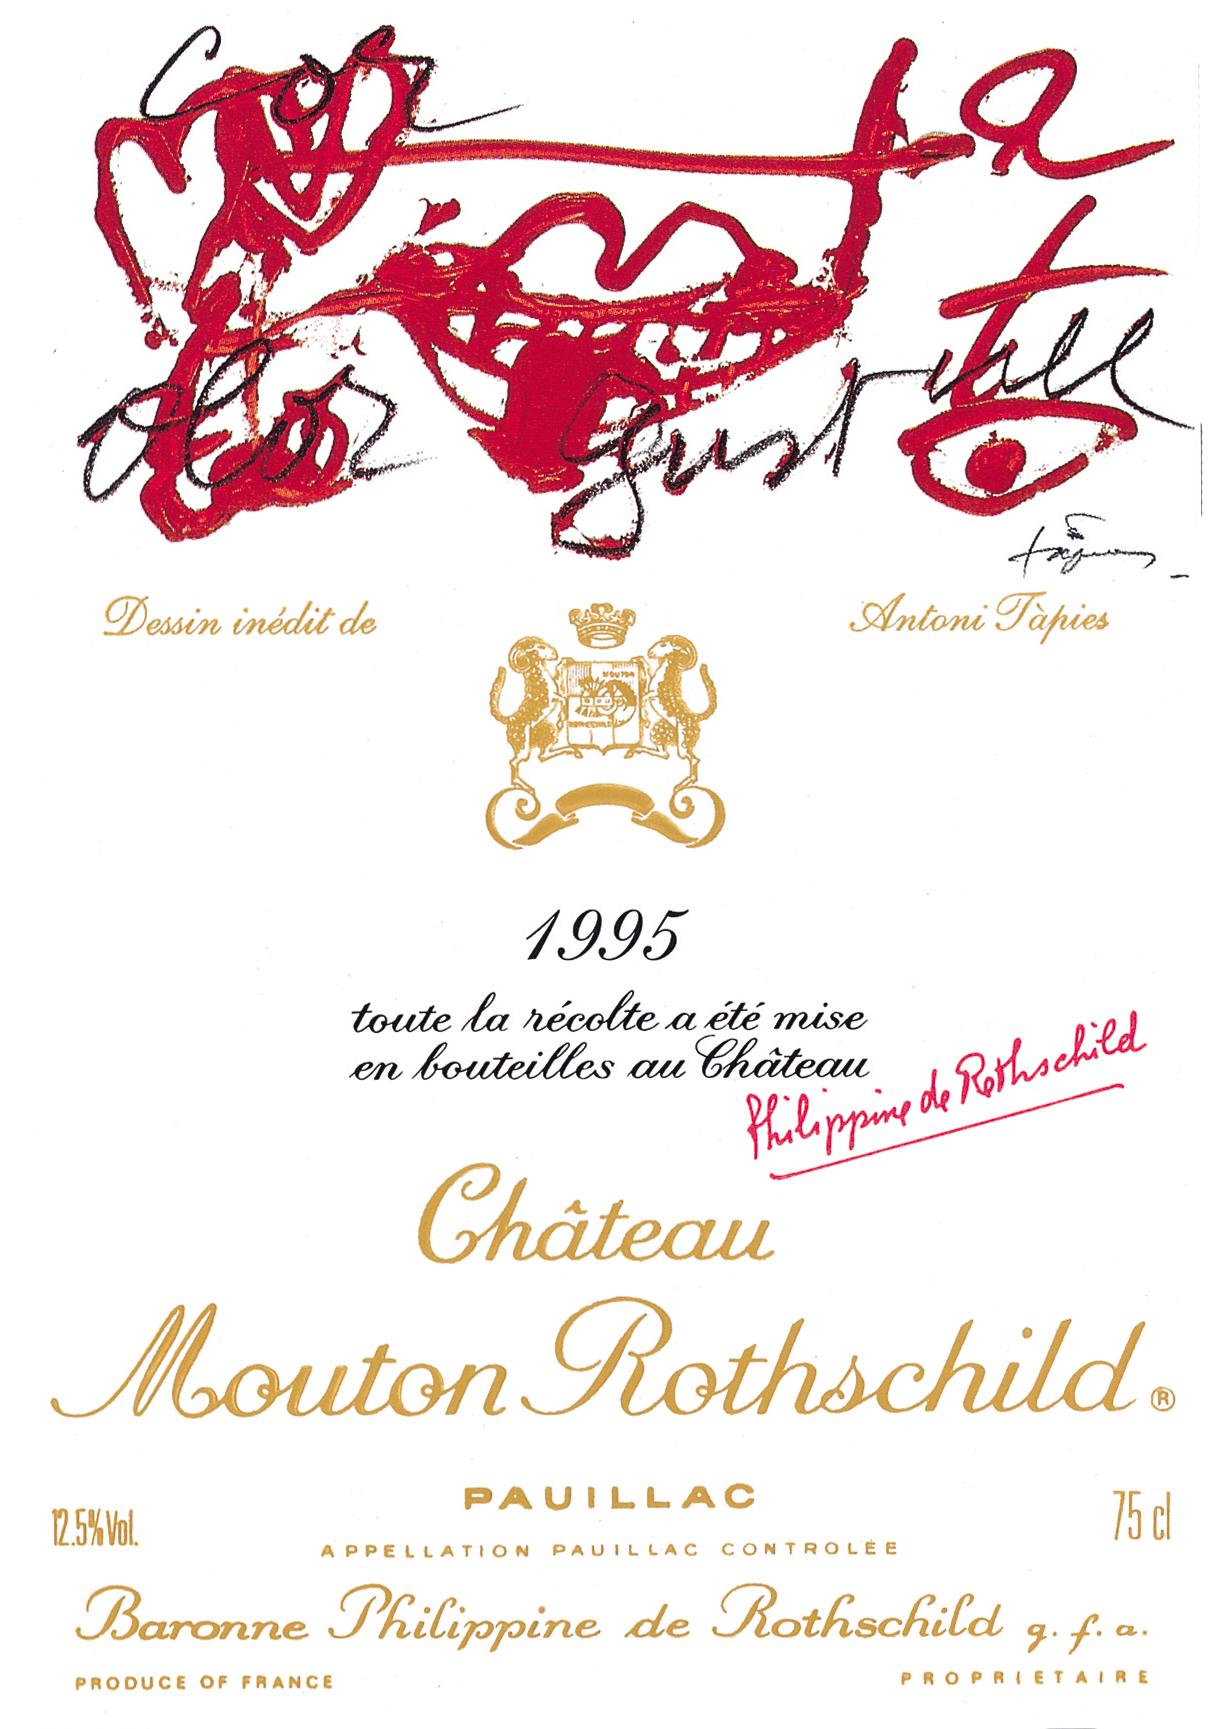 Etiquette Mouton Rothschild 1995